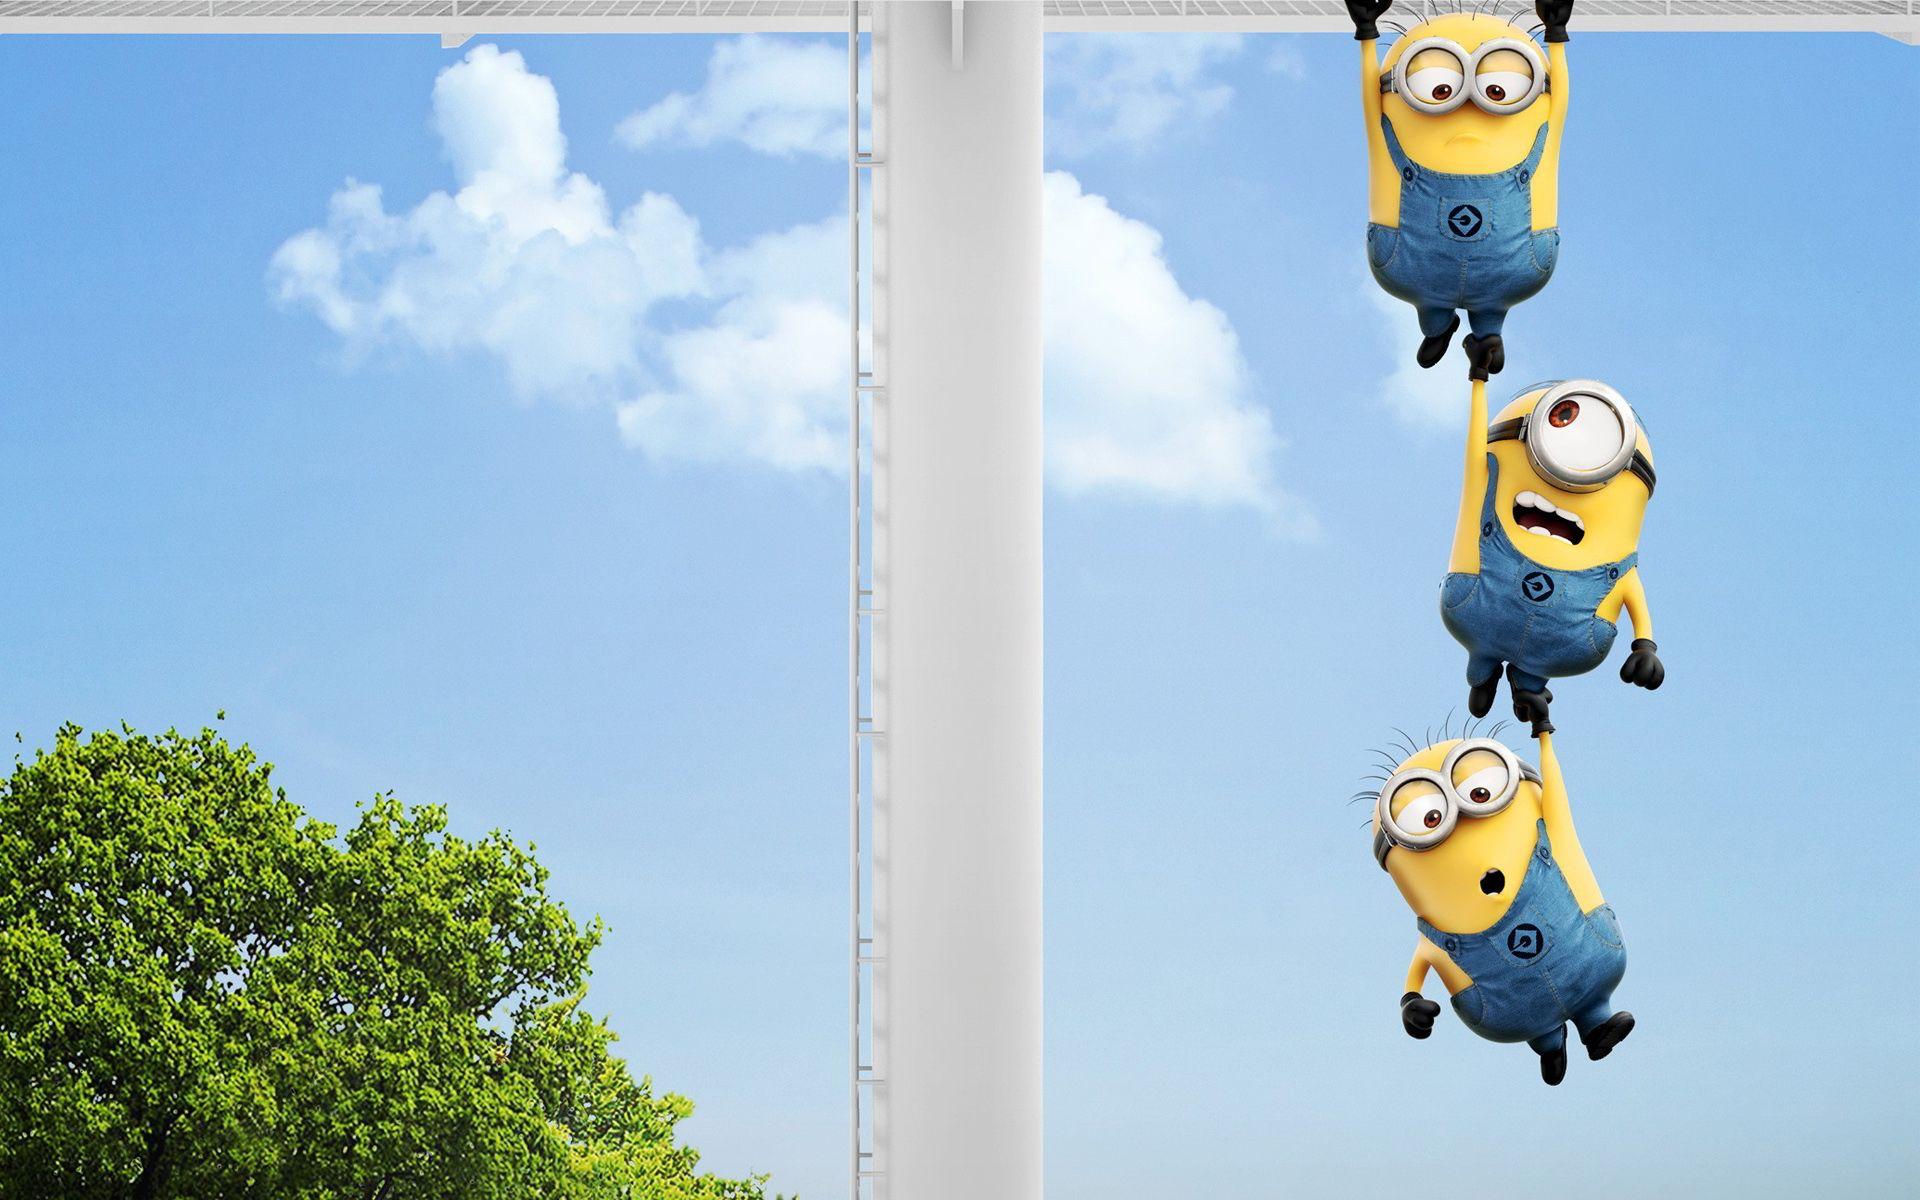 Minions Despicable Me Funny Minions Wallpaper Minion Wallpaper Hd Minions